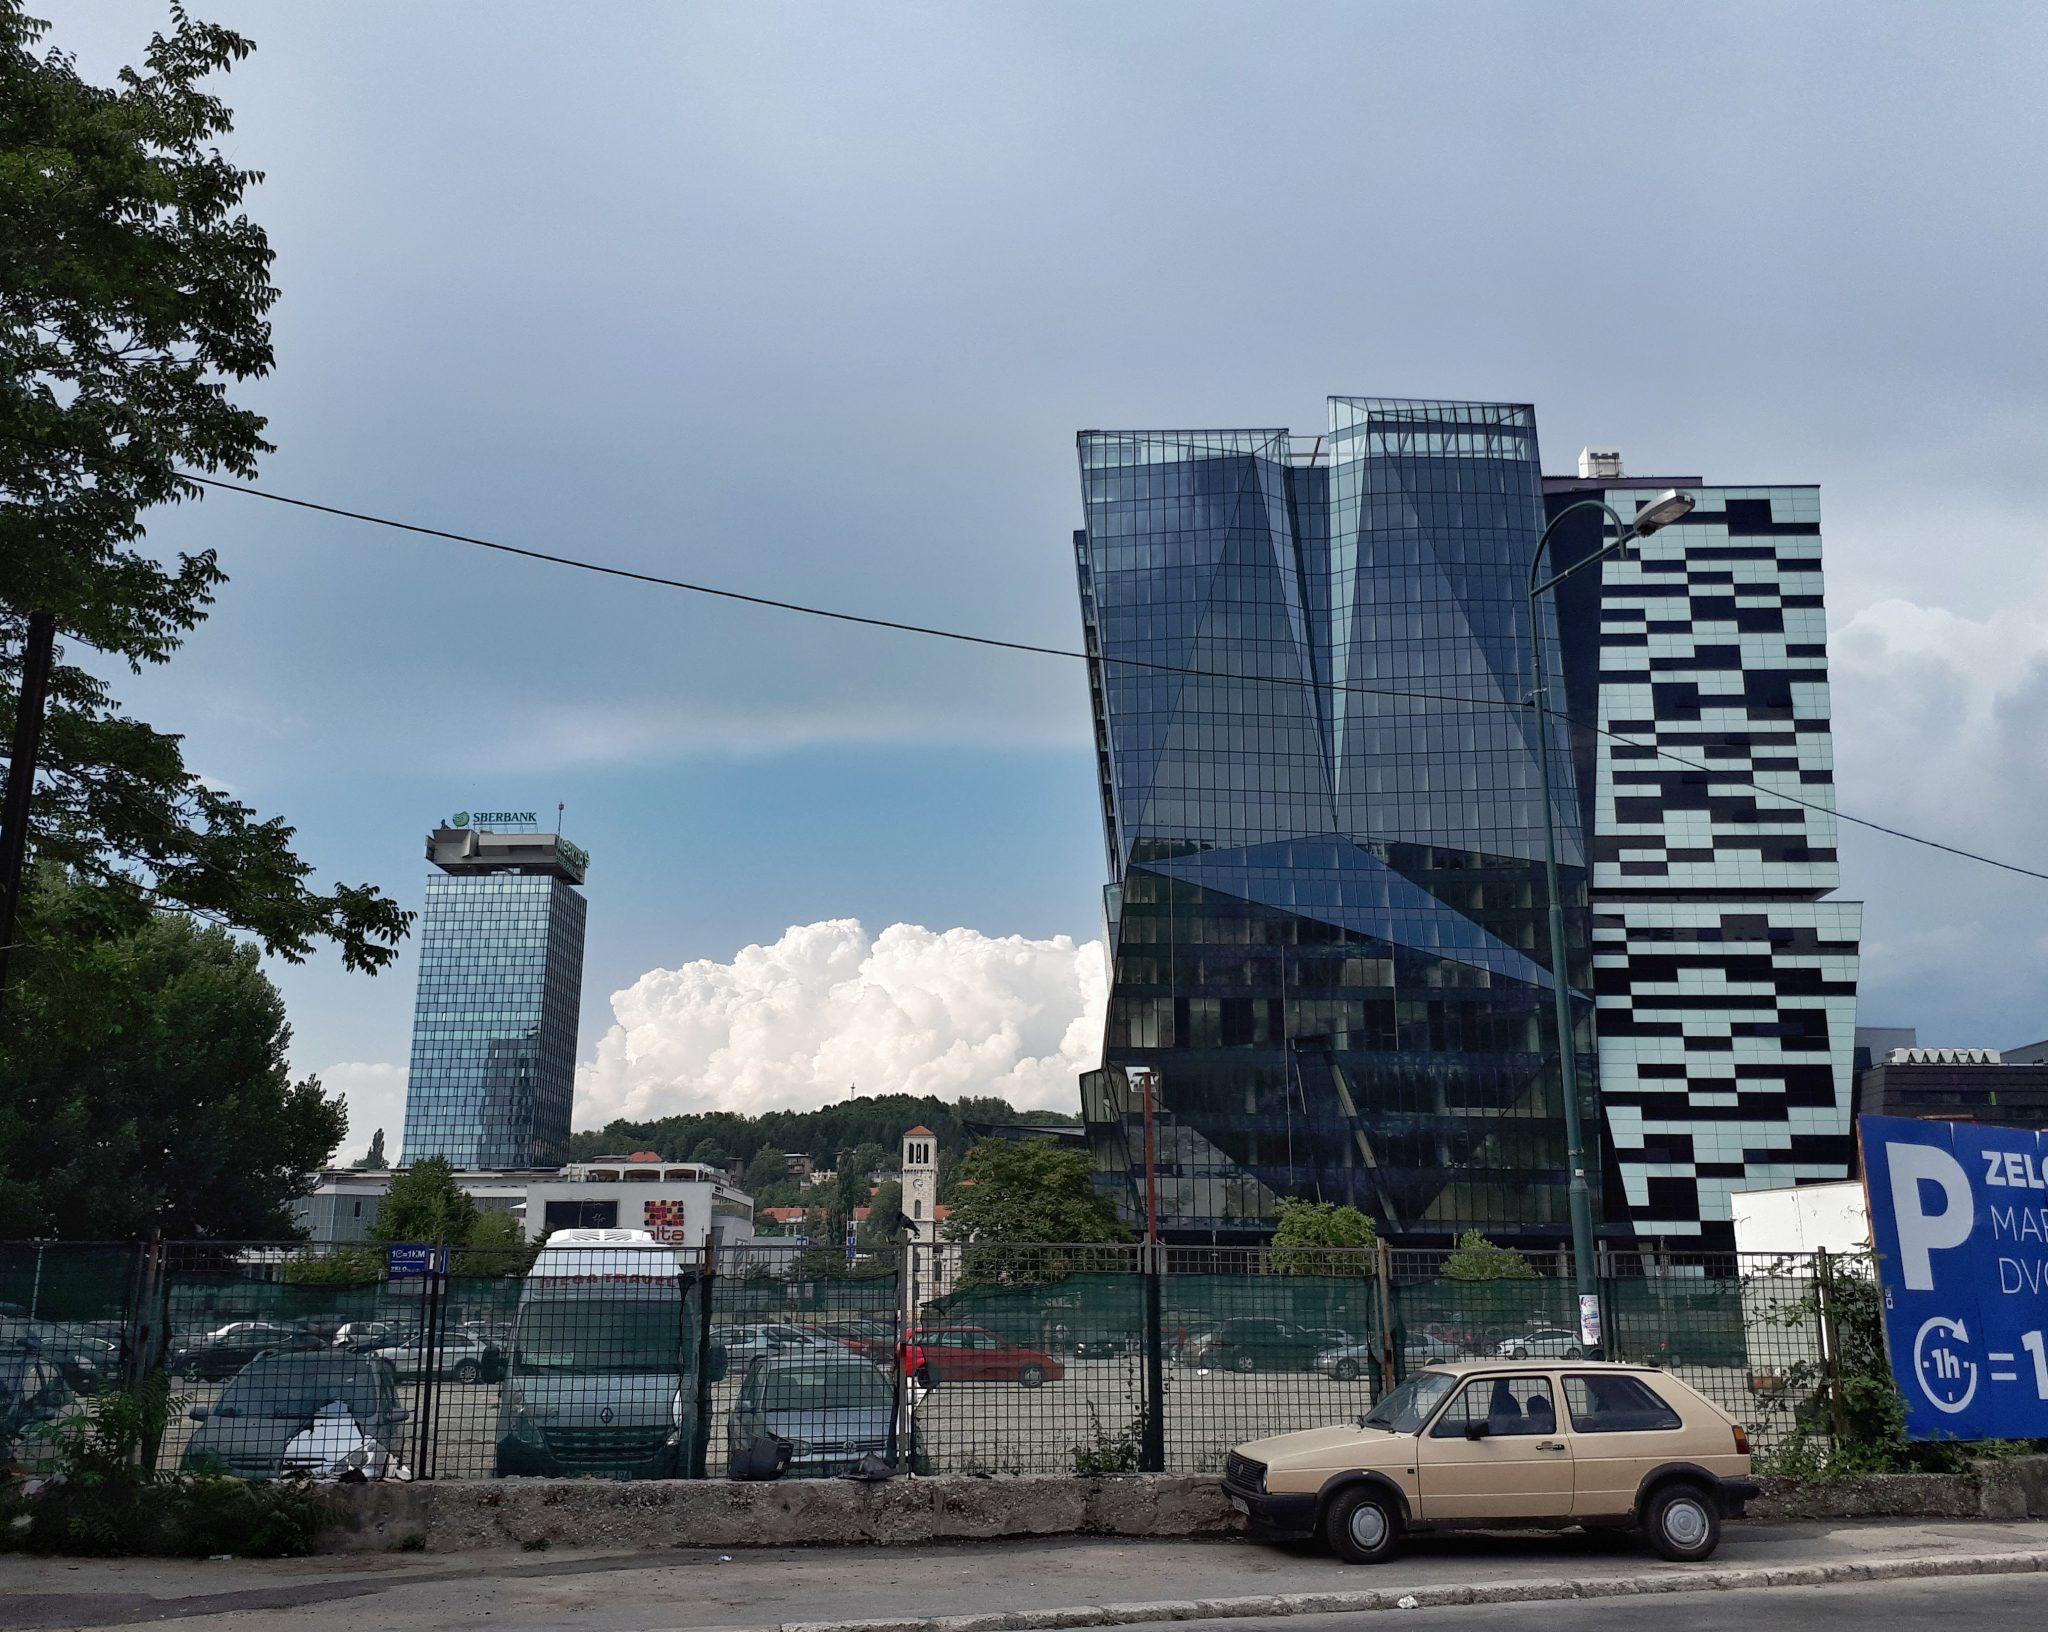 City Center, Sarajevo